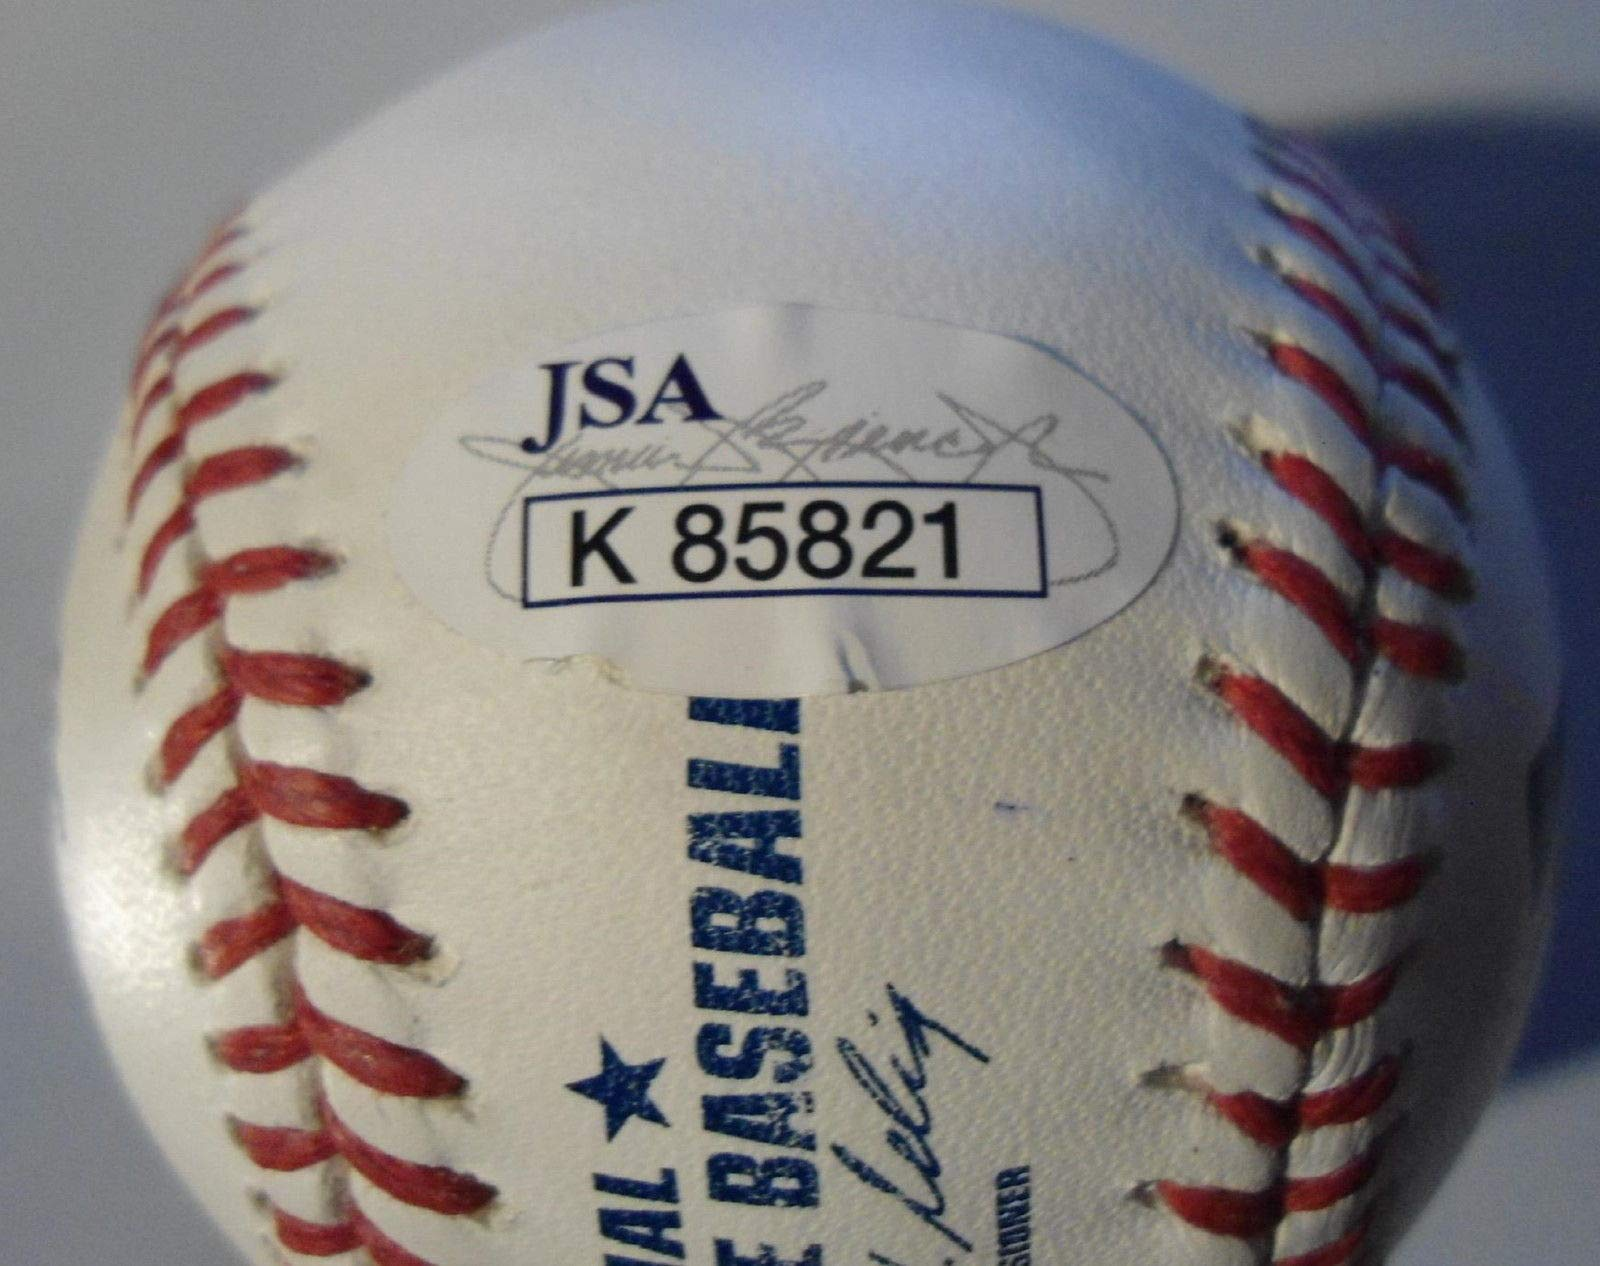 Joe Mauer Autographed Signed Official Basebal Minnesota Twins JSA Coa